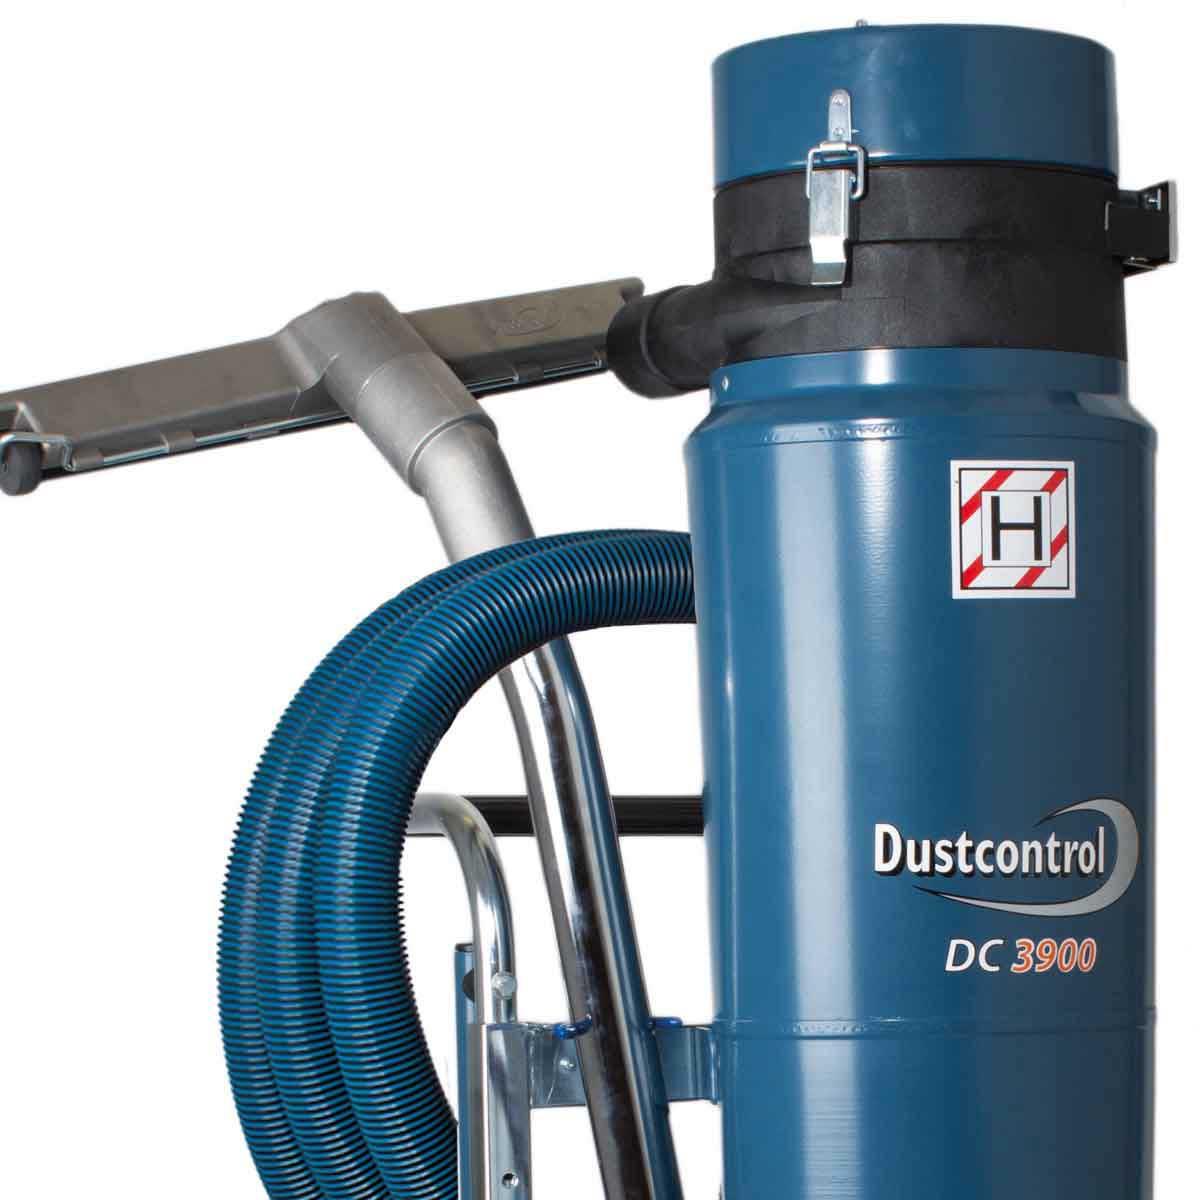 DustControl DC 3900c vacuum